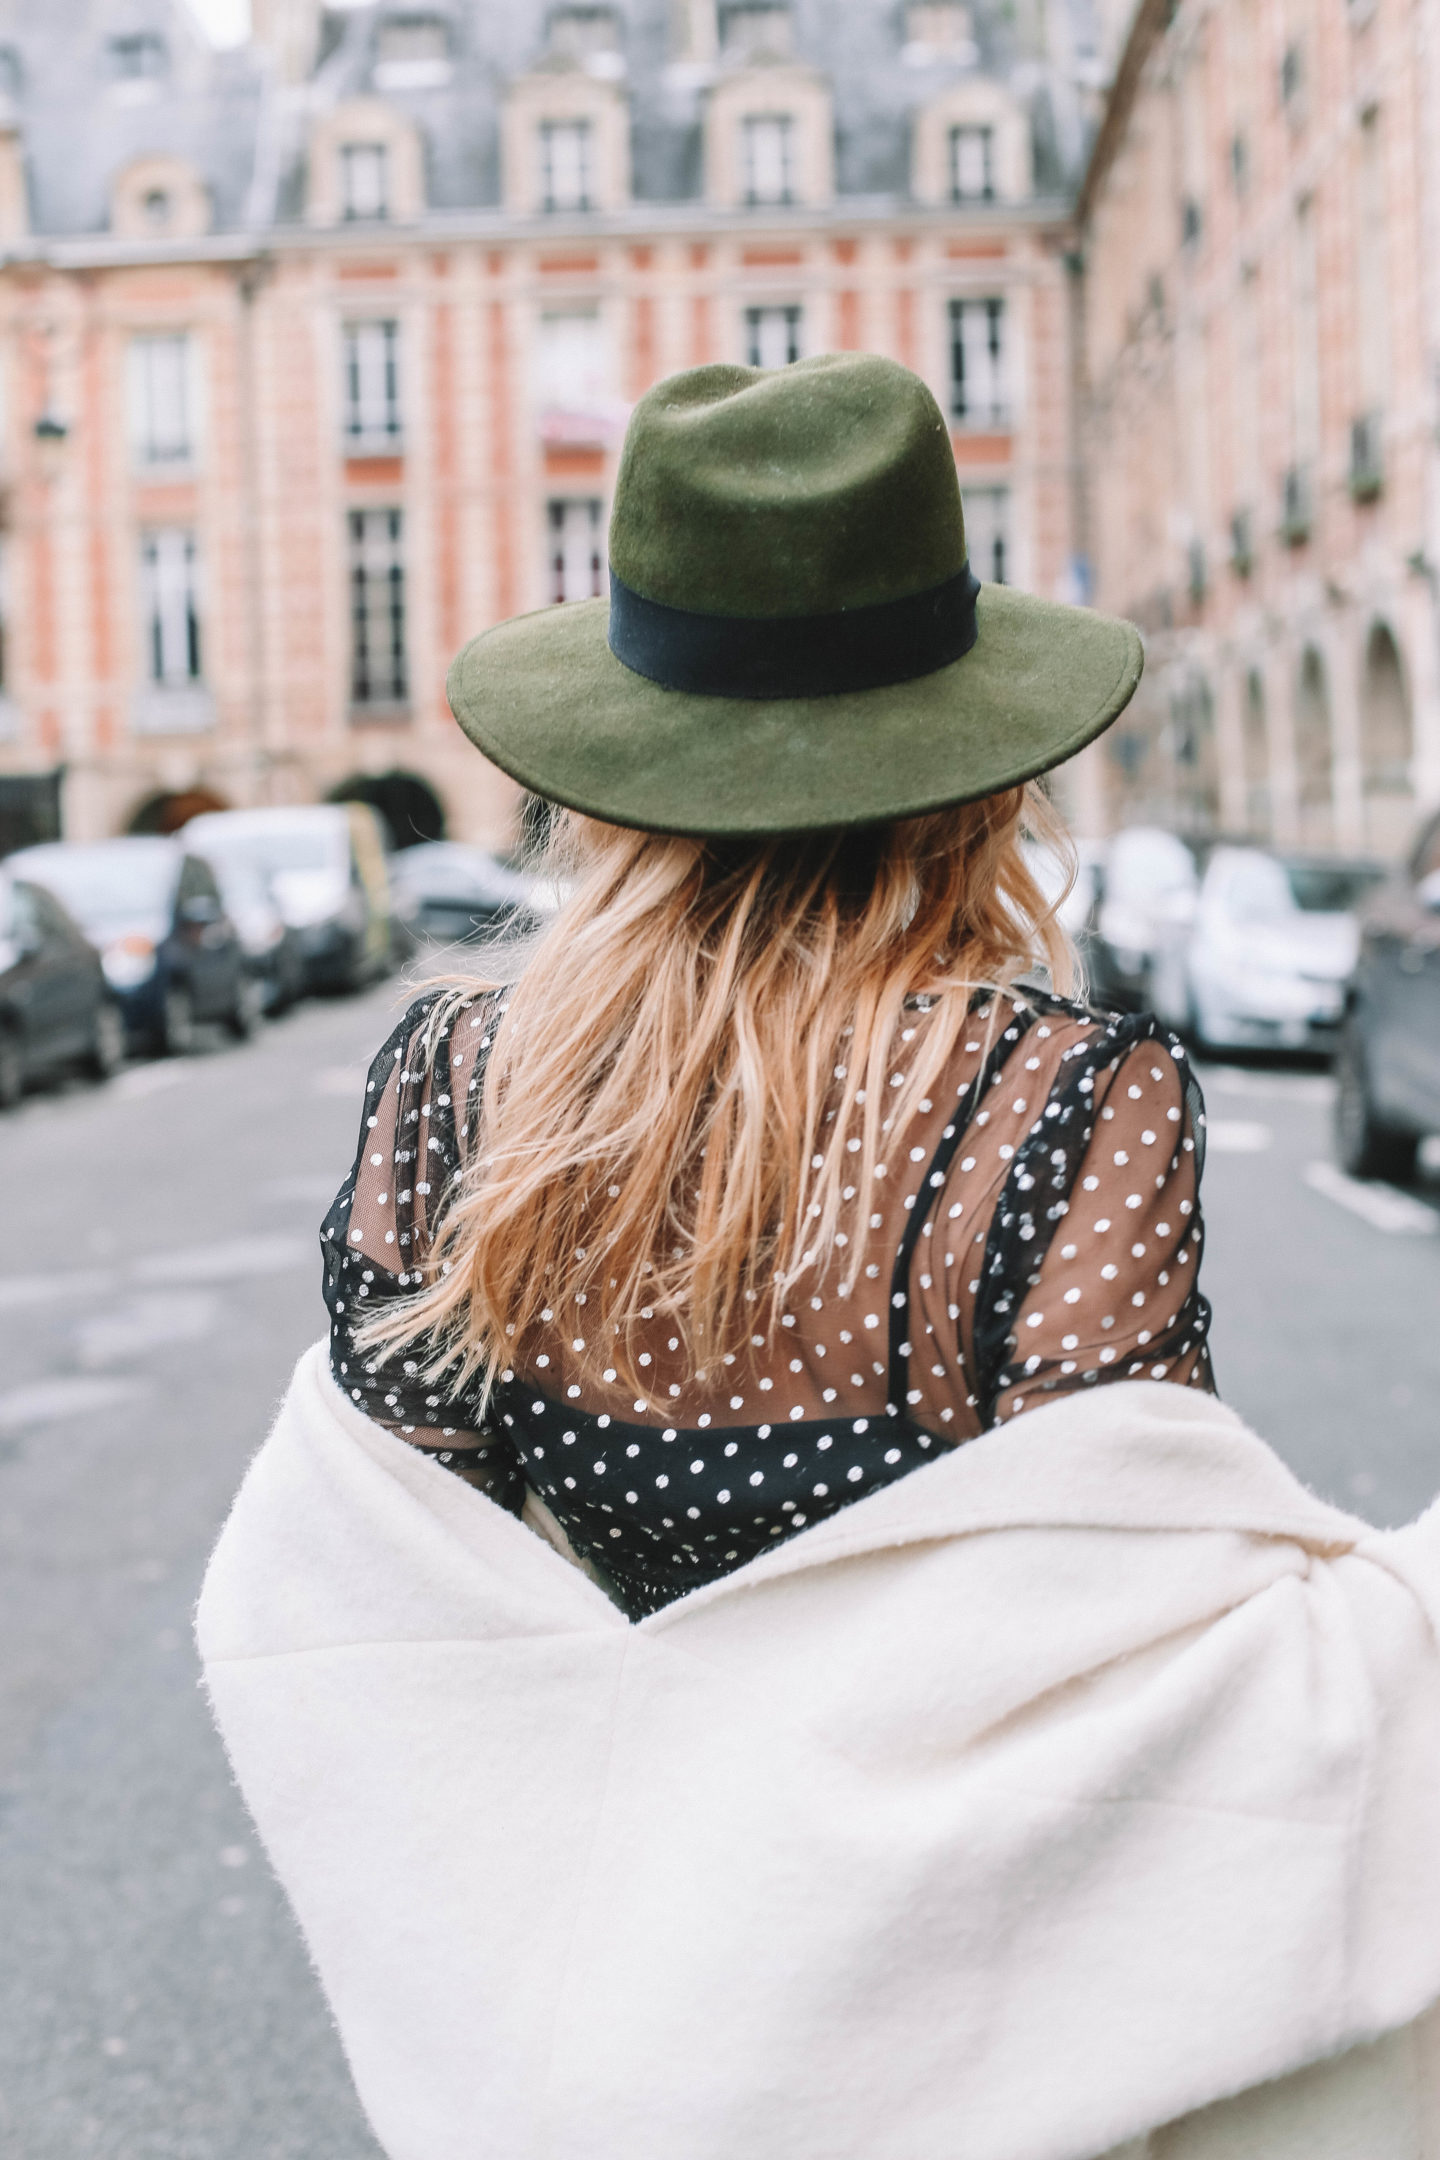 Chapeau bohème ba&sh - Blondie Baby blog mode et voyages